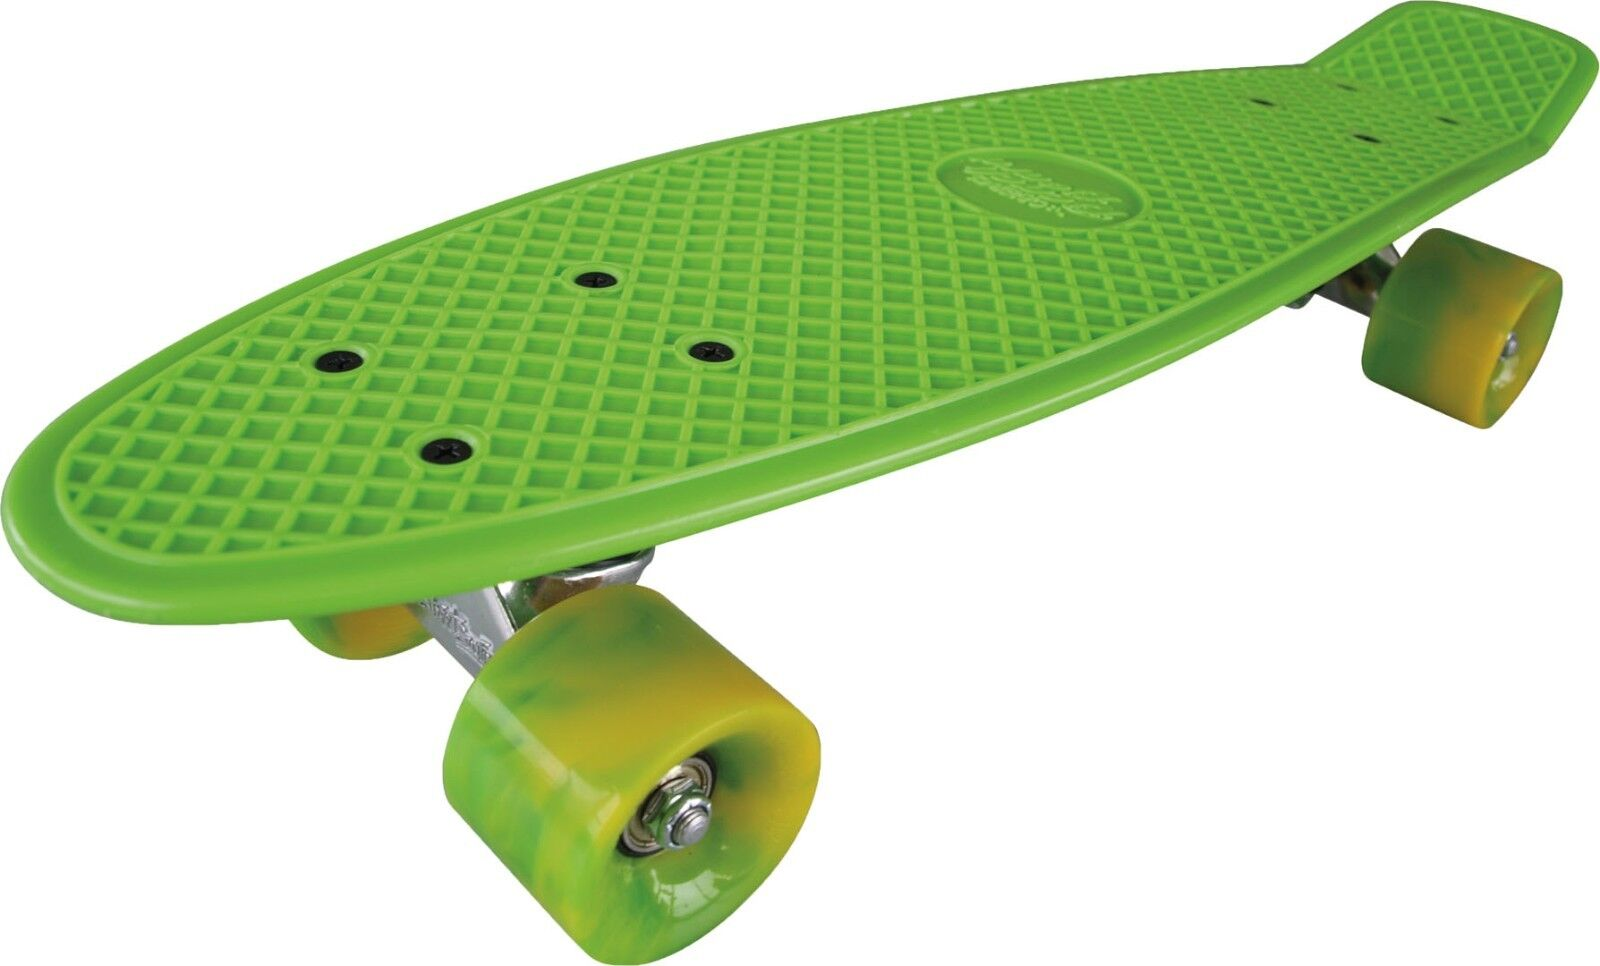 Skateboard Skateboard Skateboard Street Surfing Beachboard Streetsurfing grün Beach Board Grün f7e7ee